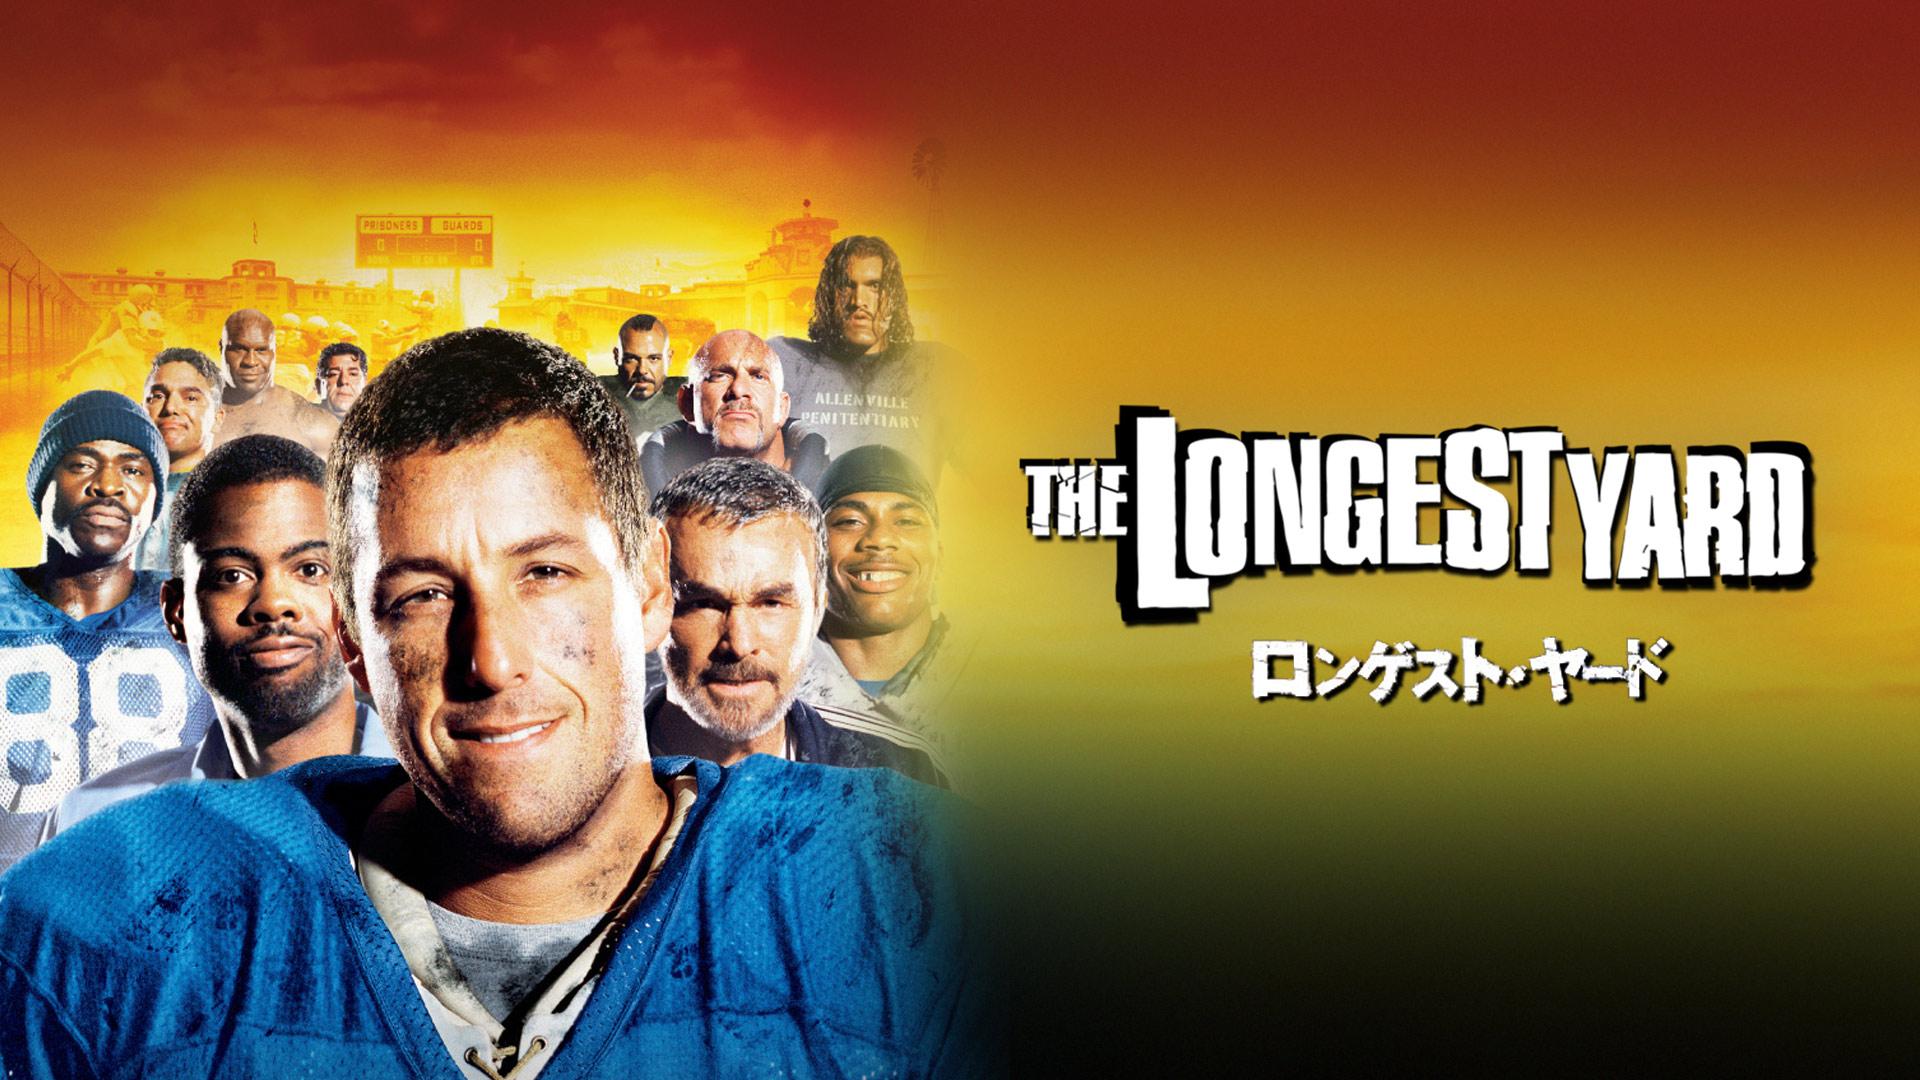 ロンゲスト・ヤード (字幕版)